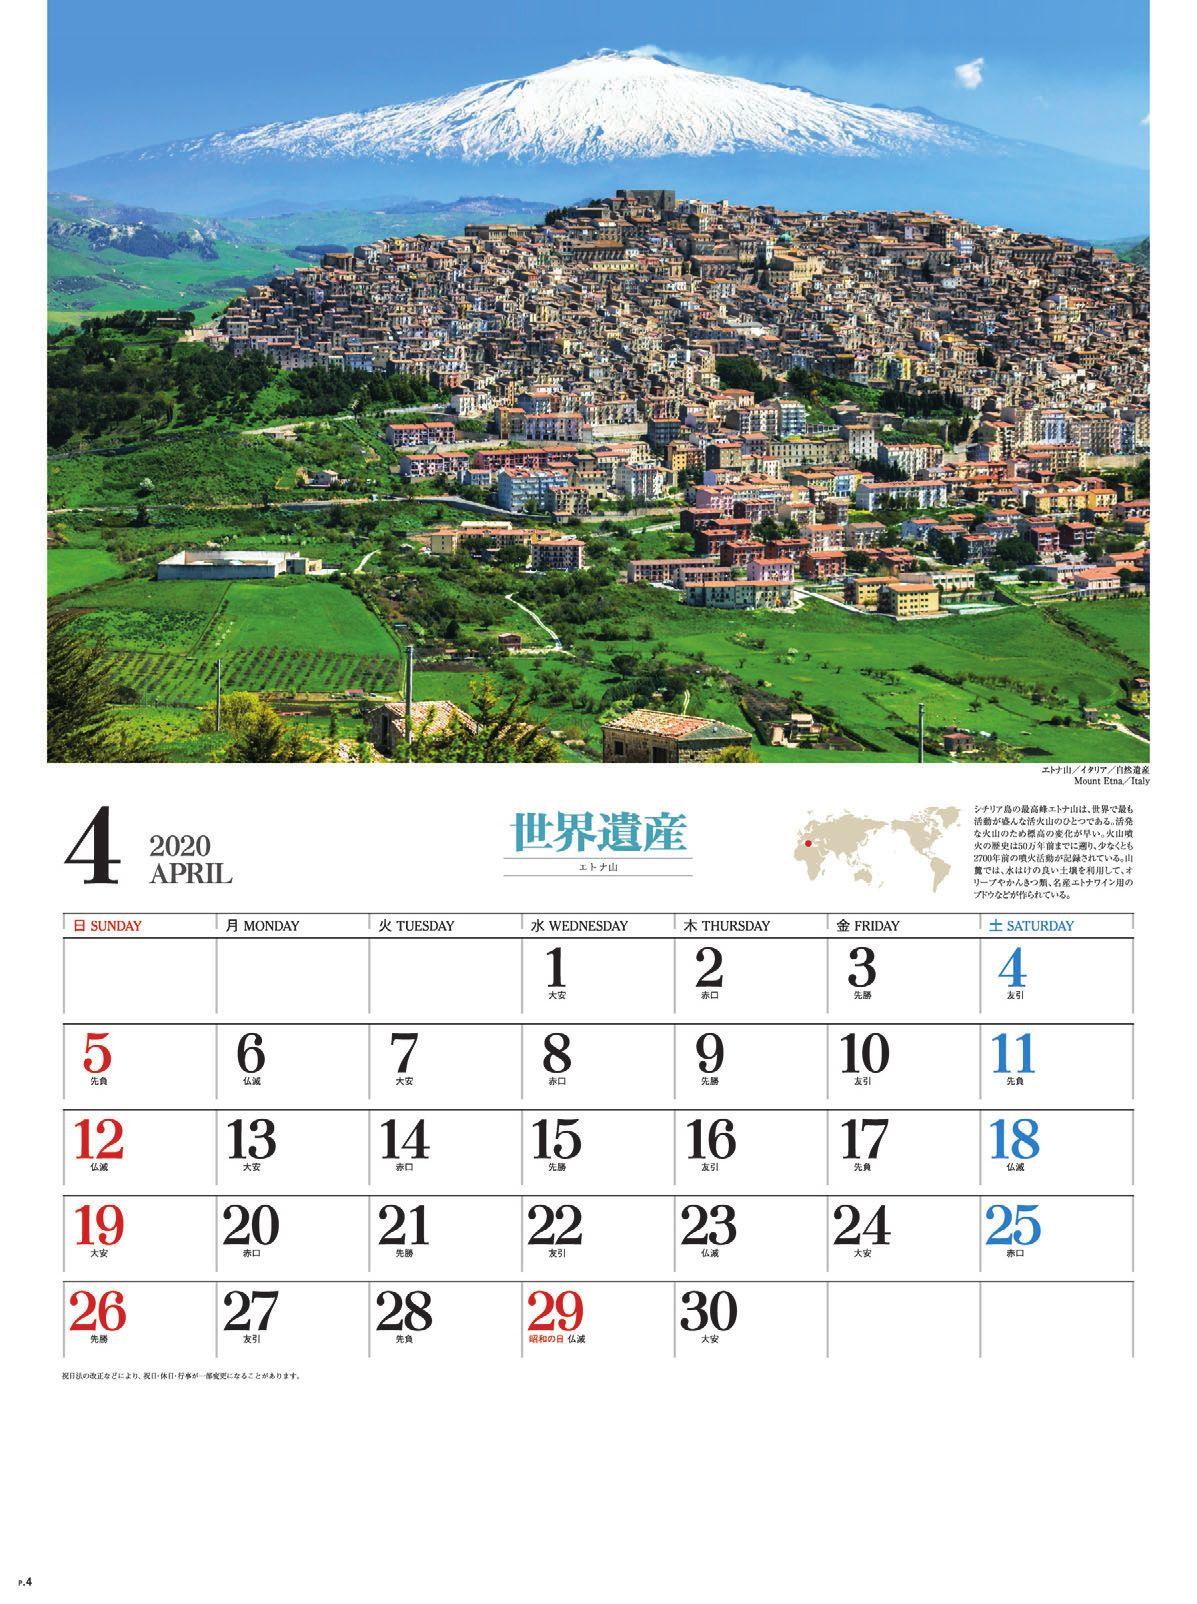 画像:エトナ山(イタリア) ユネスコ世界遺産 2020年カレンダー